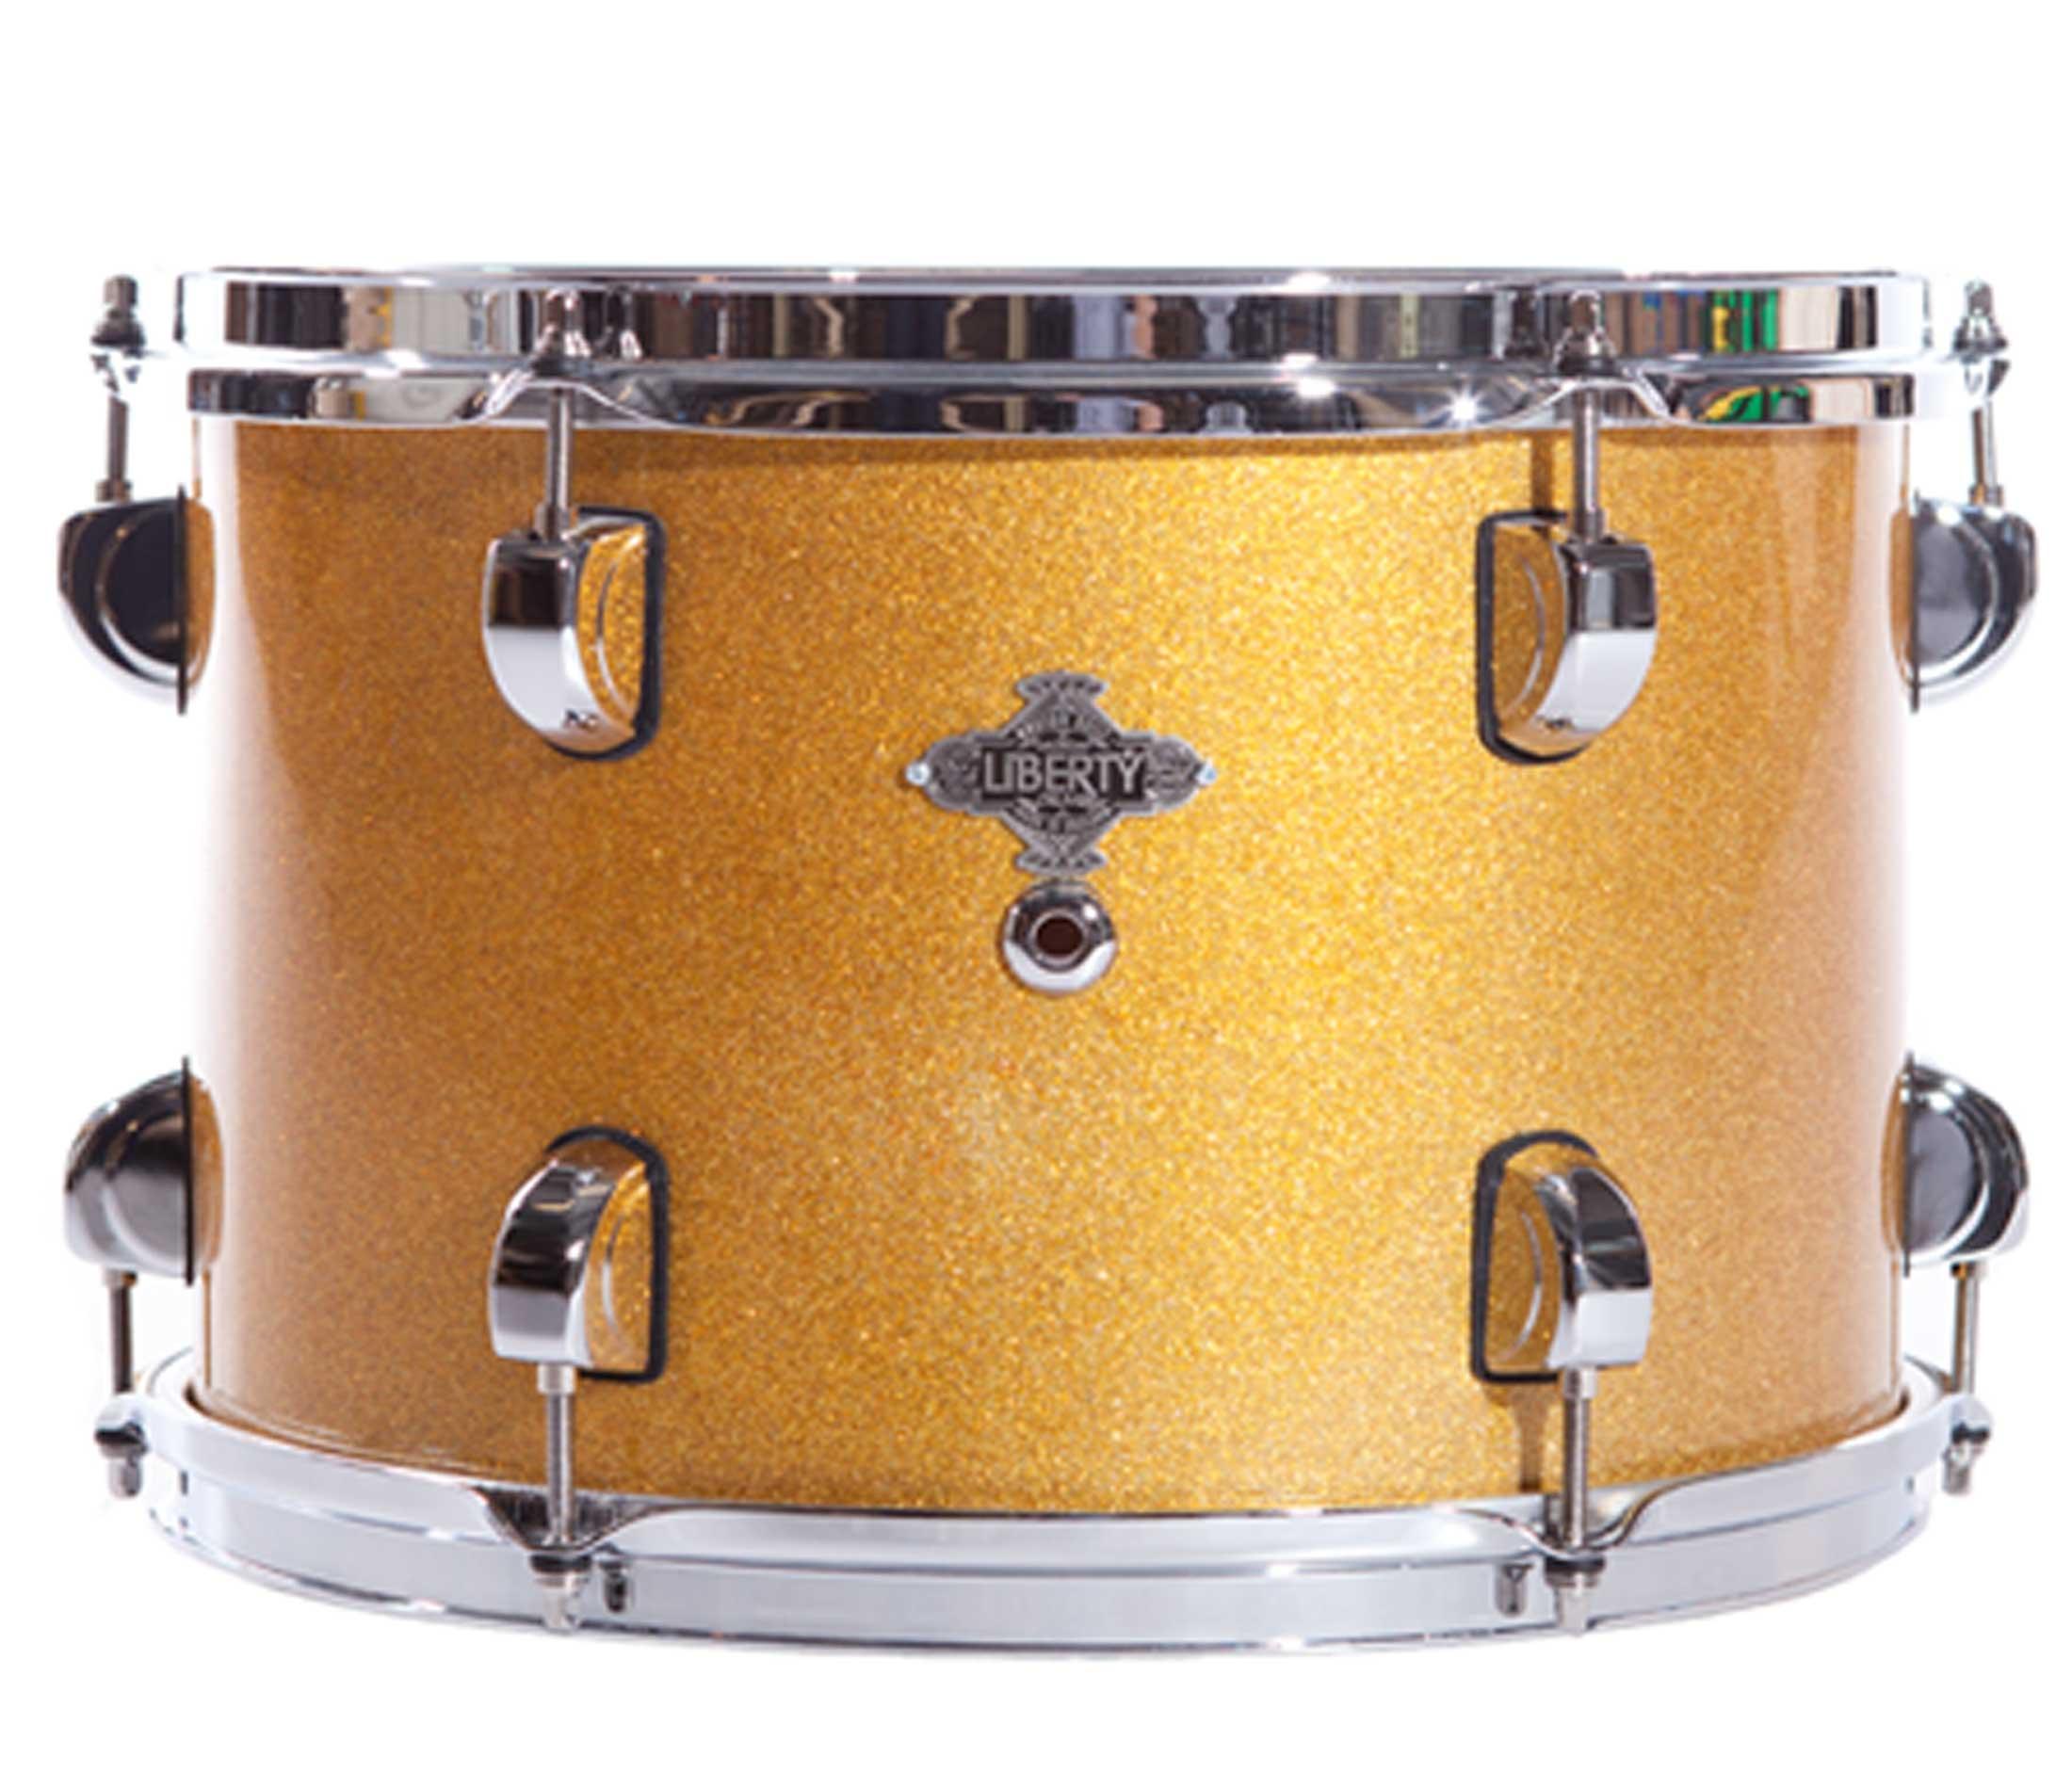 Gold sparkle lacquer